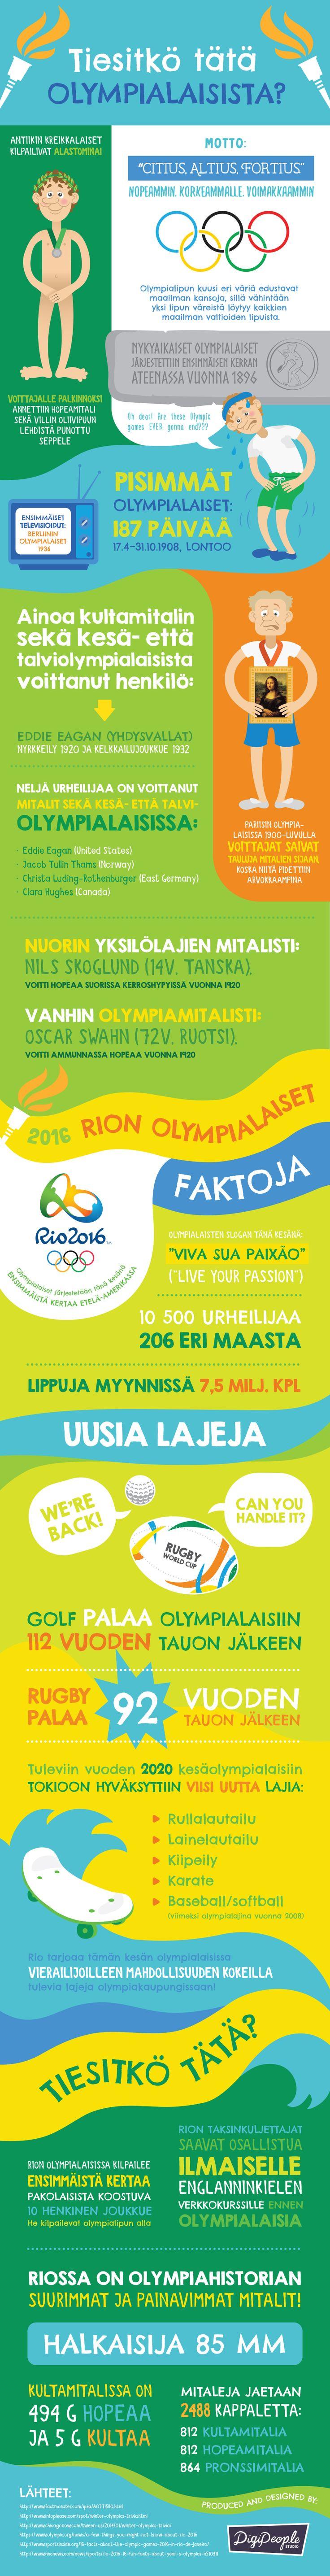 Olympialaiset-IG-Rio-version_08082016-v1-uudet-värit